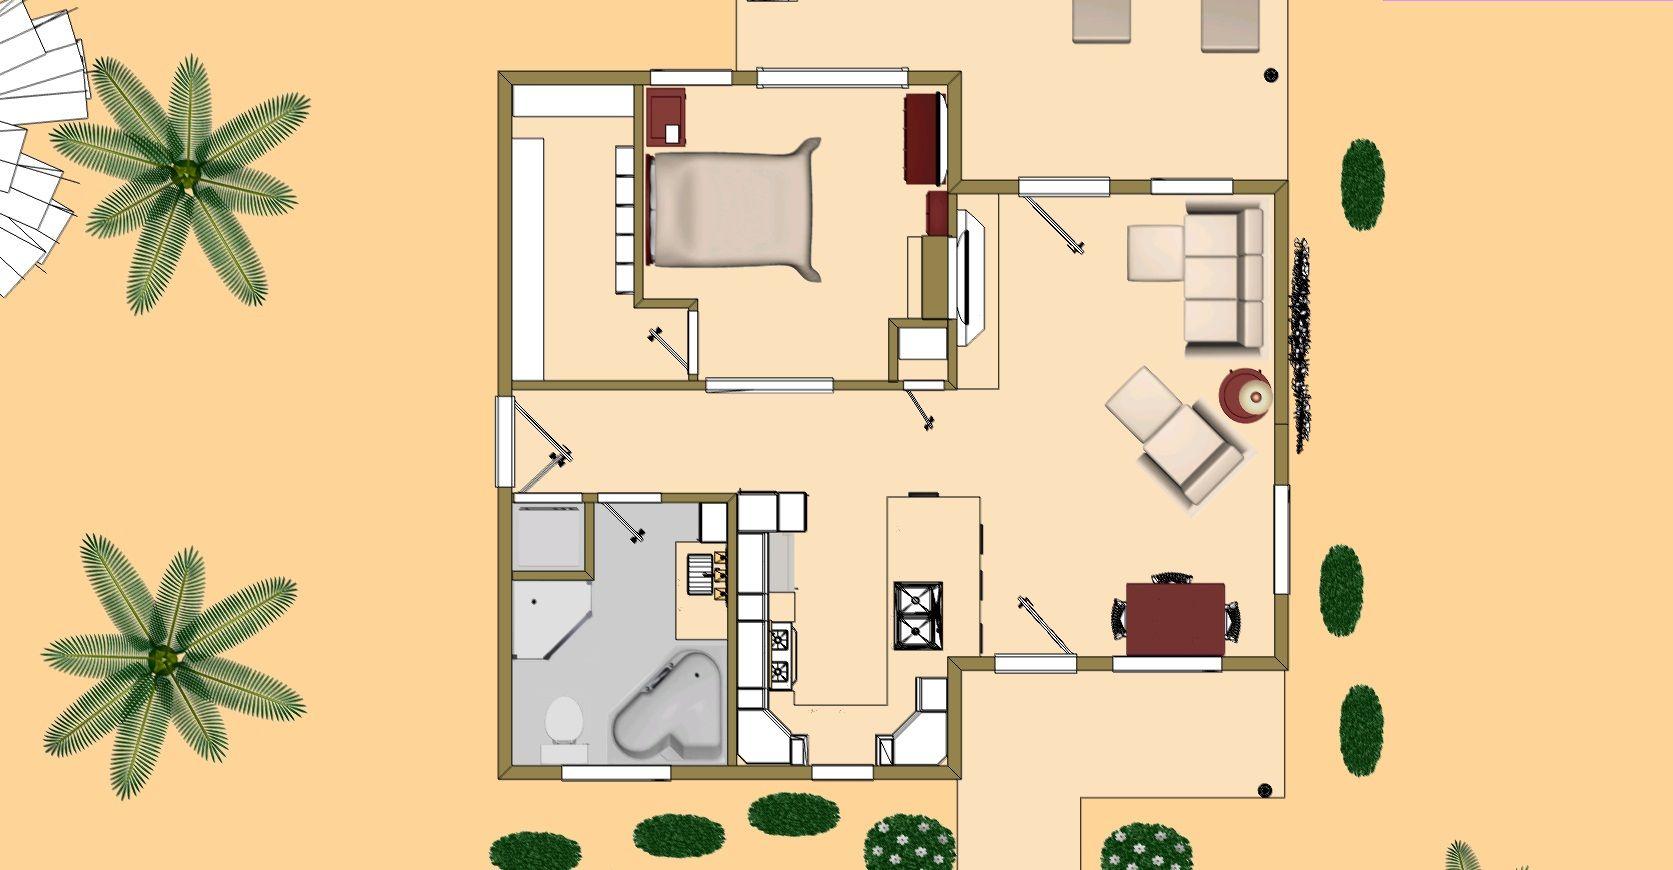 Cozy Home Plans House Plans Cozy House Floor Plans